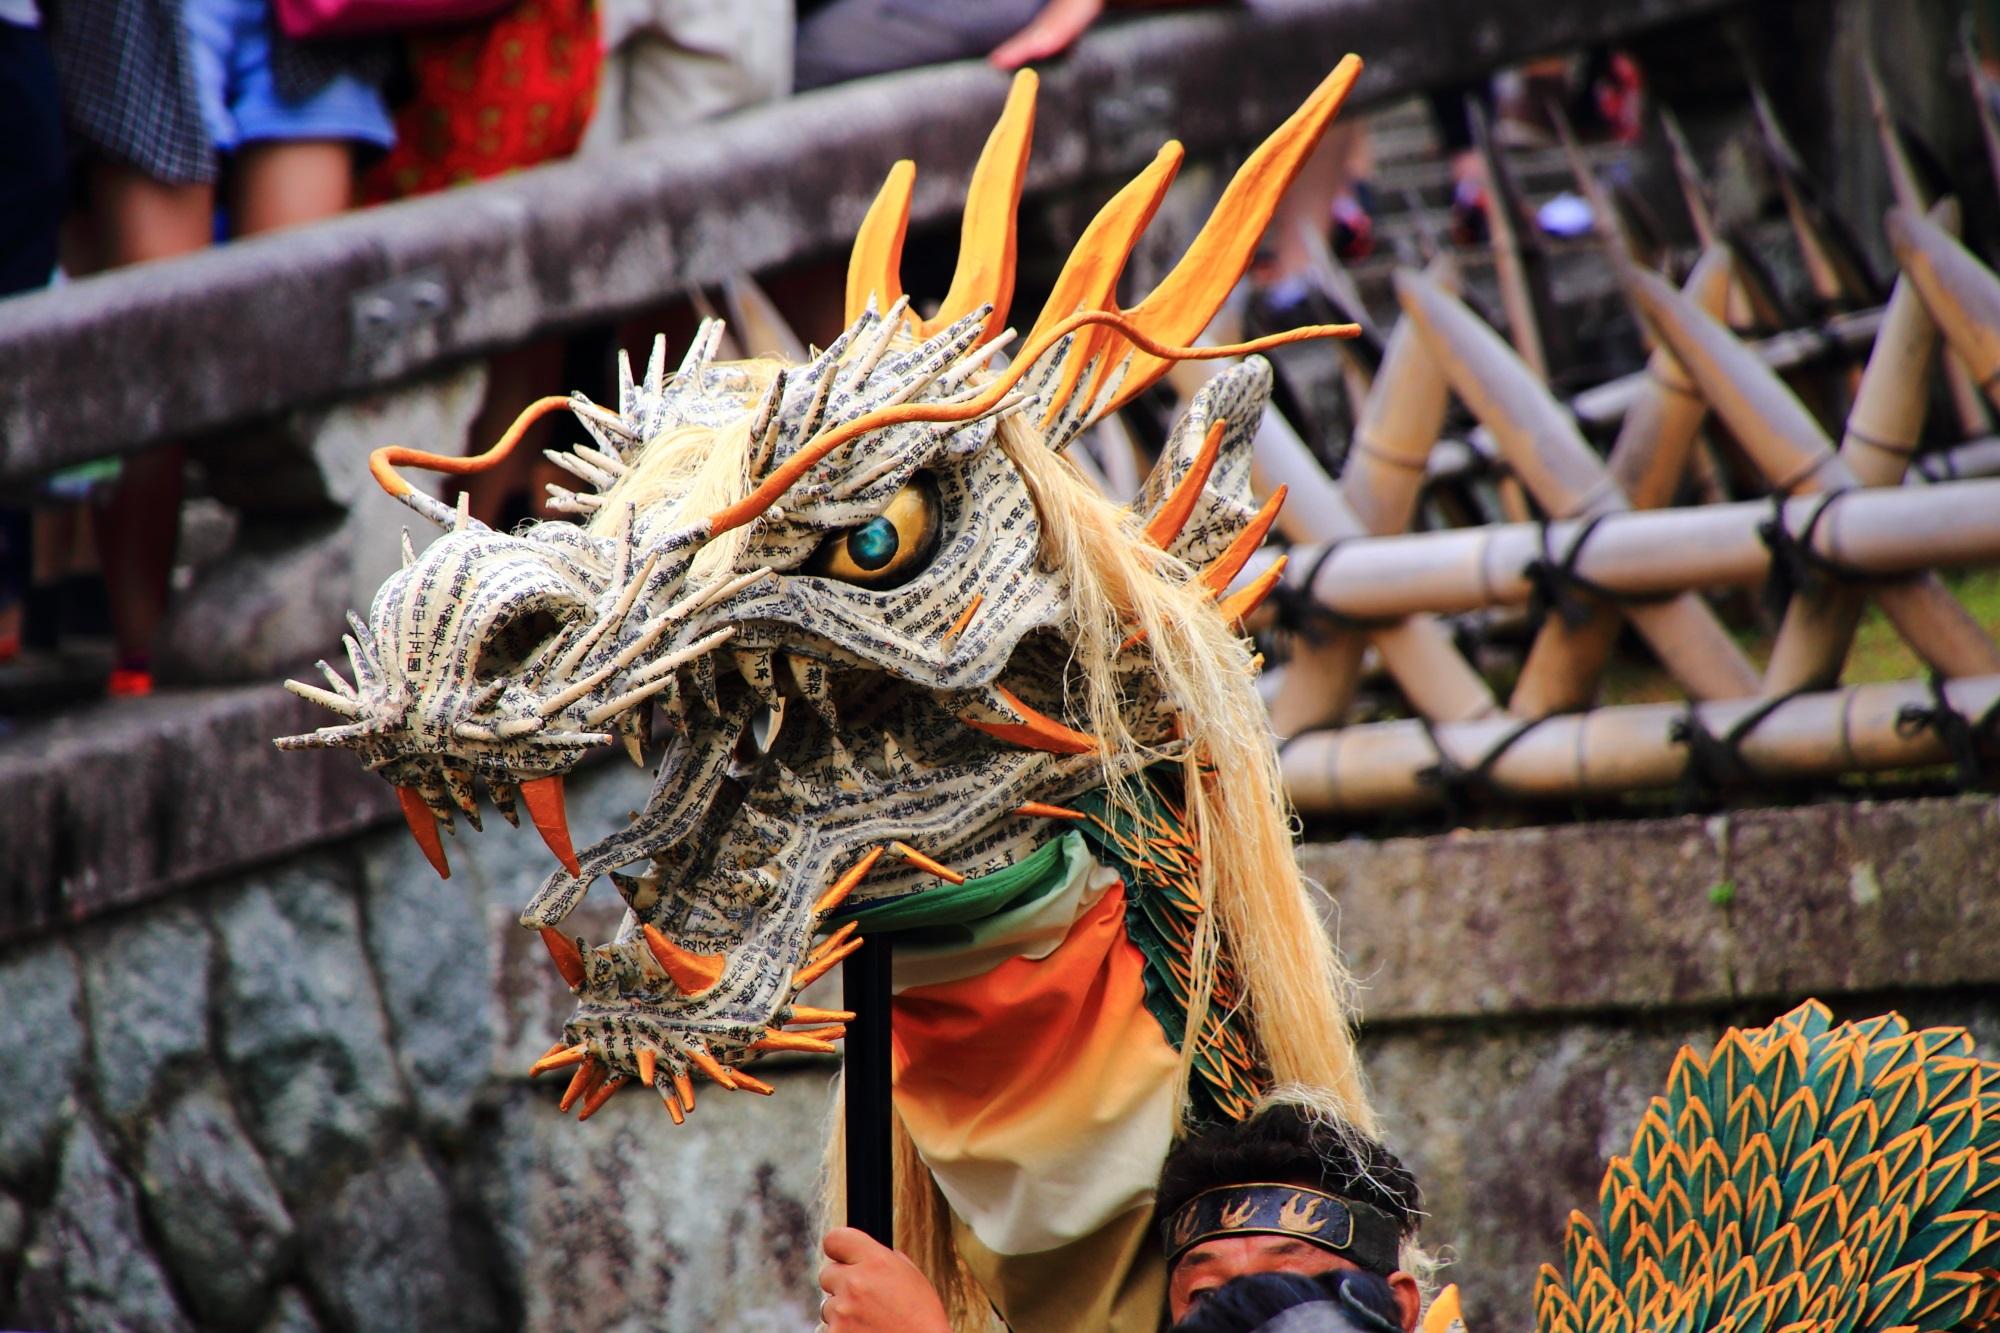 清水寺の青龍会の観音様の化身の青龍(せいりゅう)